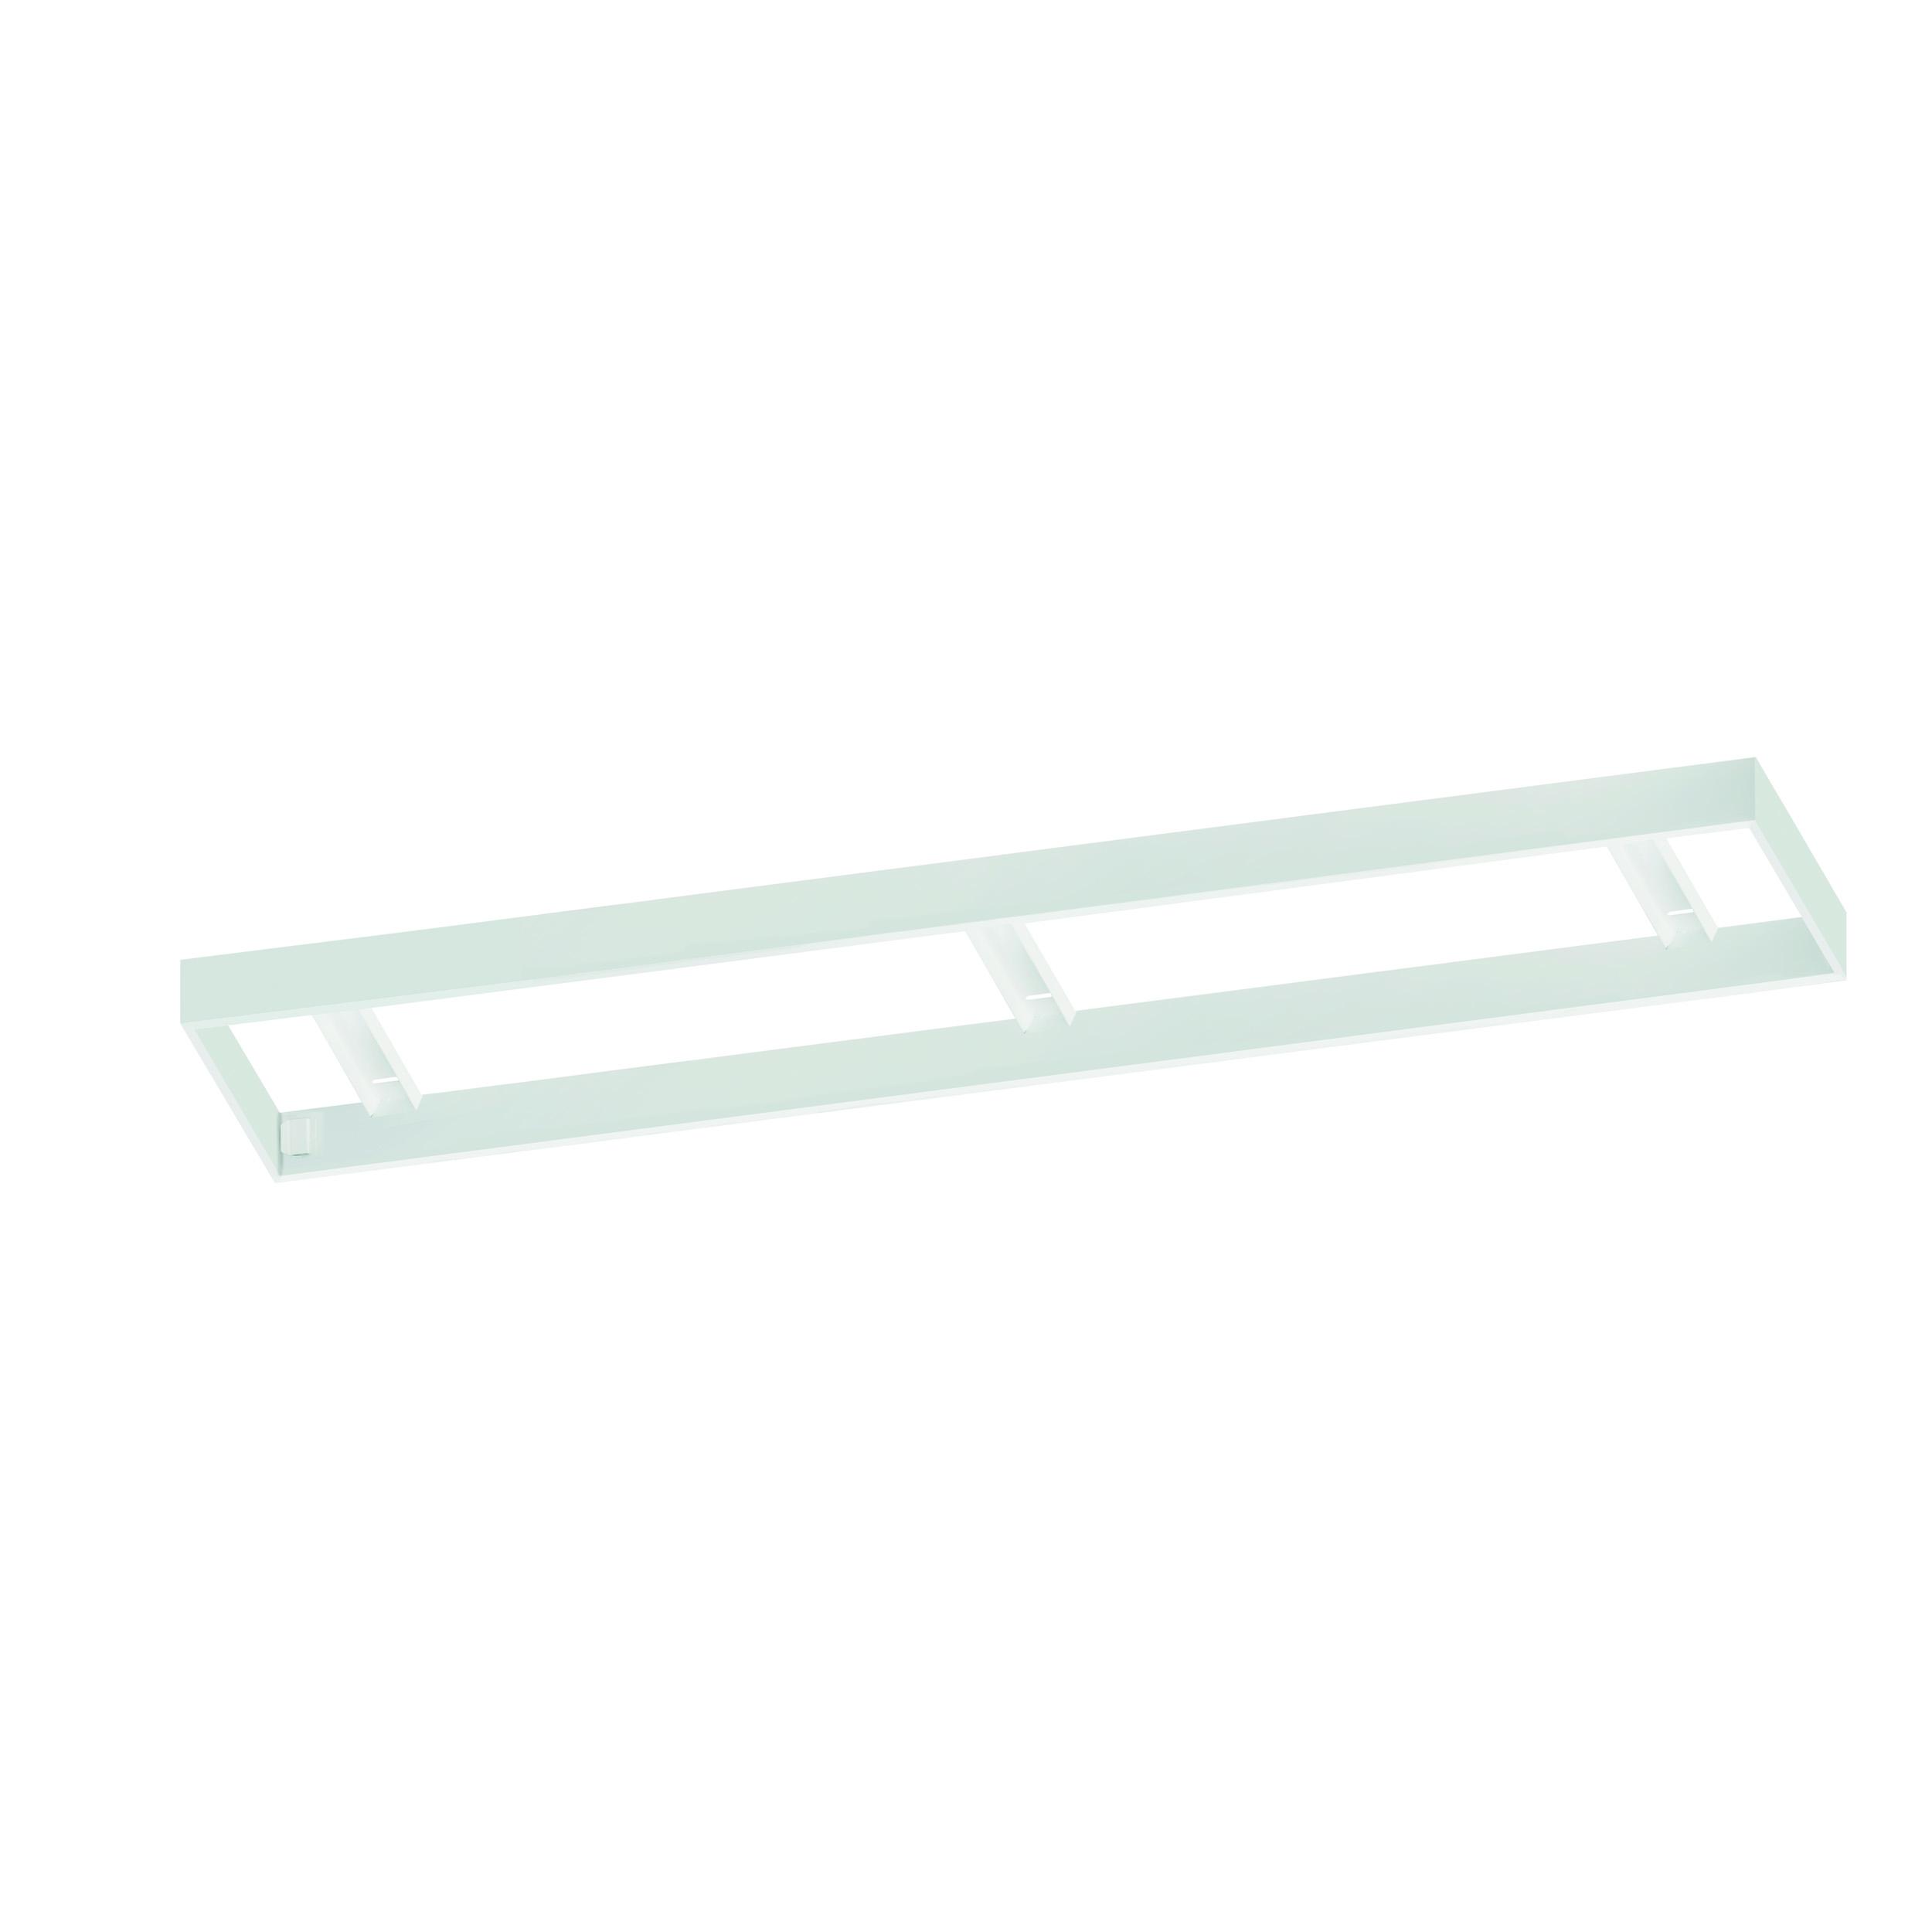 1 Stk Aufbaurahmen für Salobrena 1 1.200 / 1.250 weiß  LI61362---